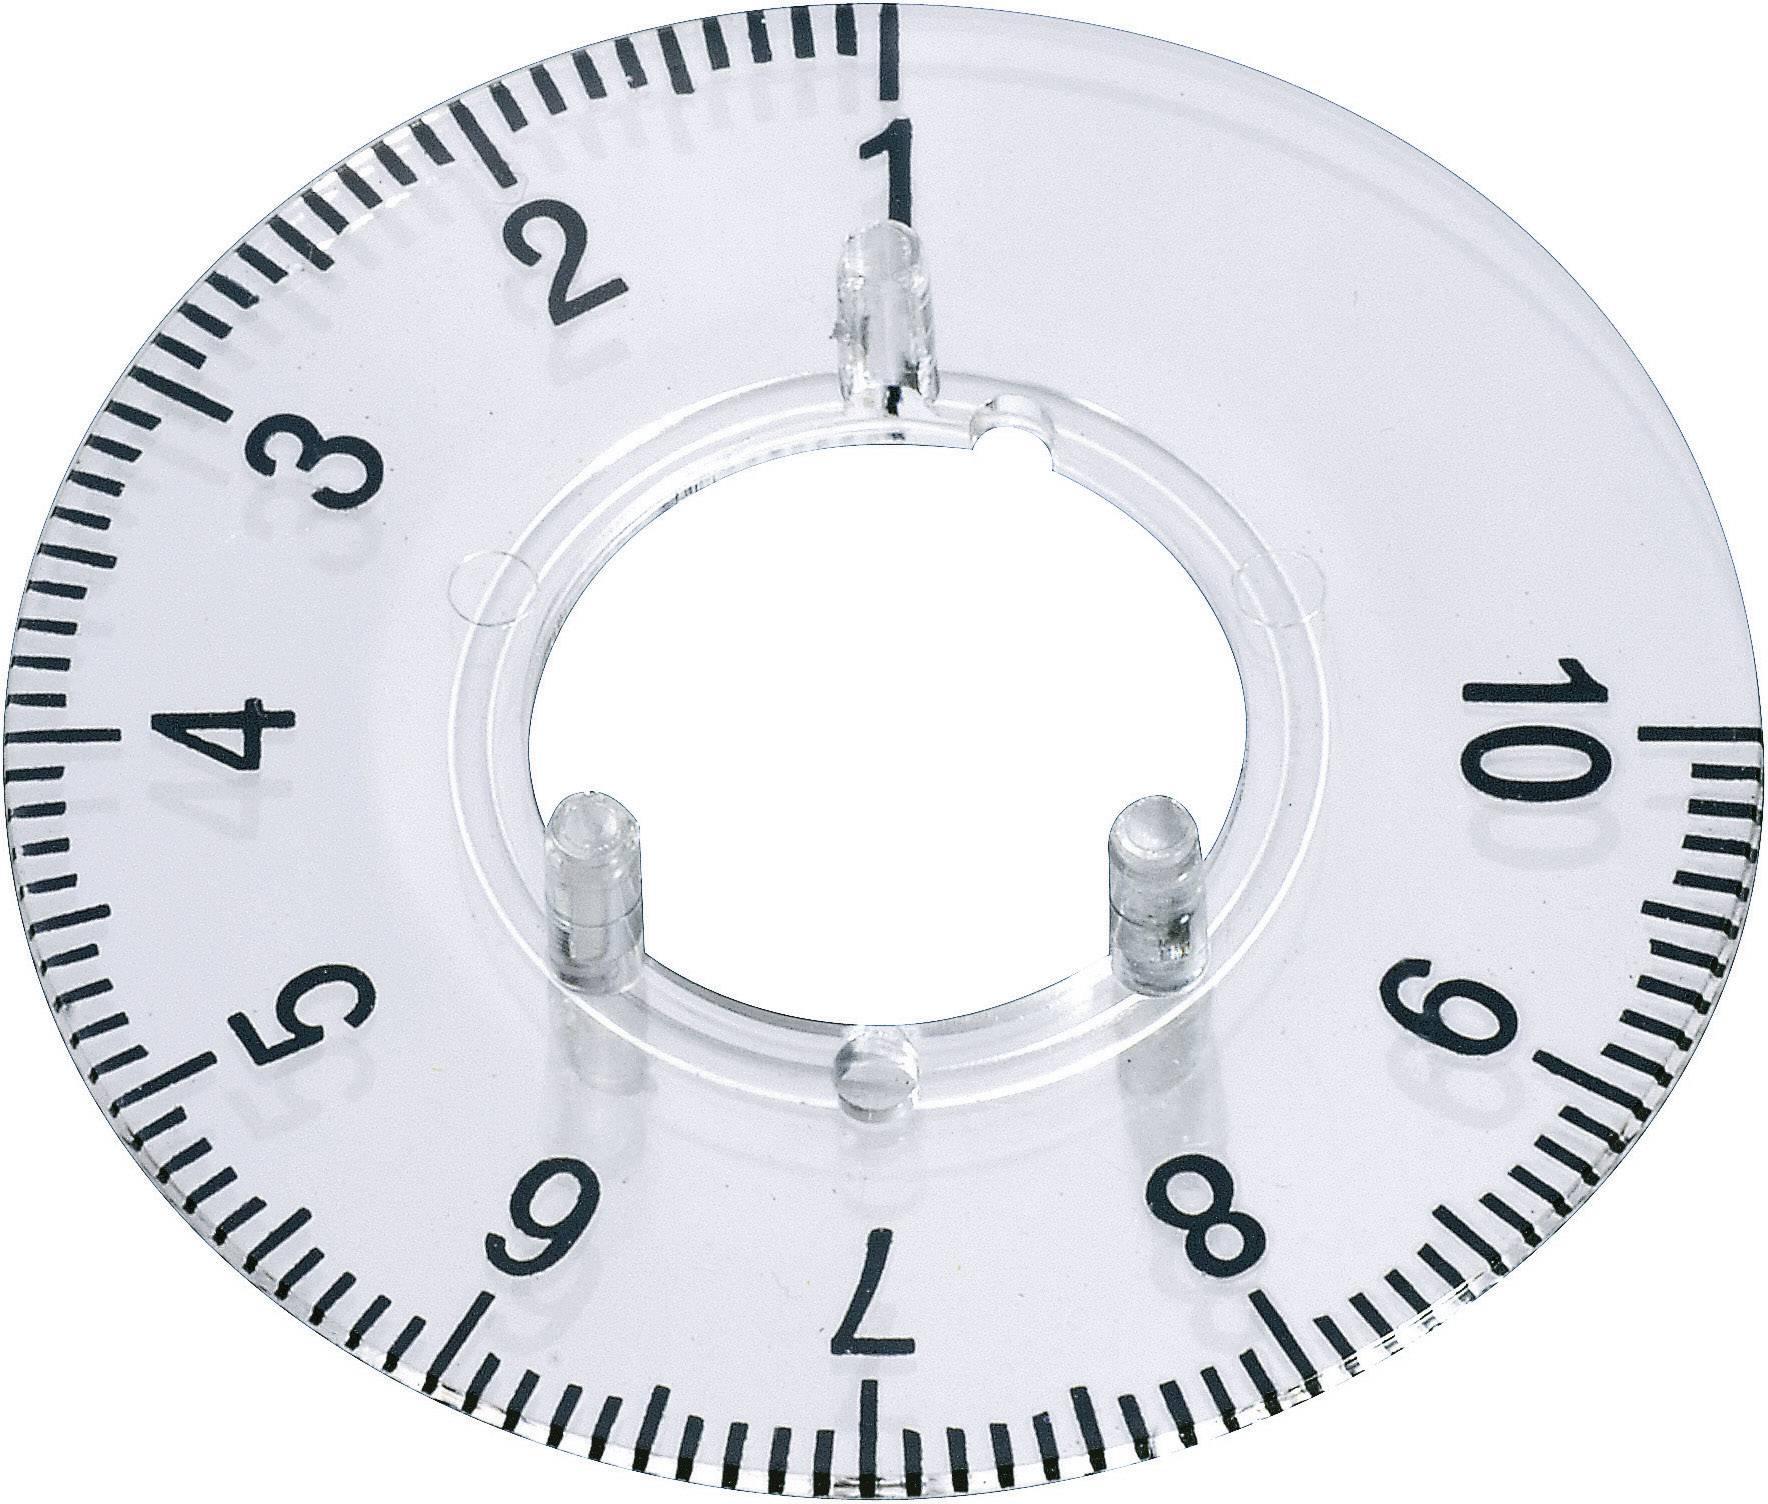 Kruhová stupnice OKW, vhodná pro knoflík Ø 20 mm,rozsah 1-10, transparentní